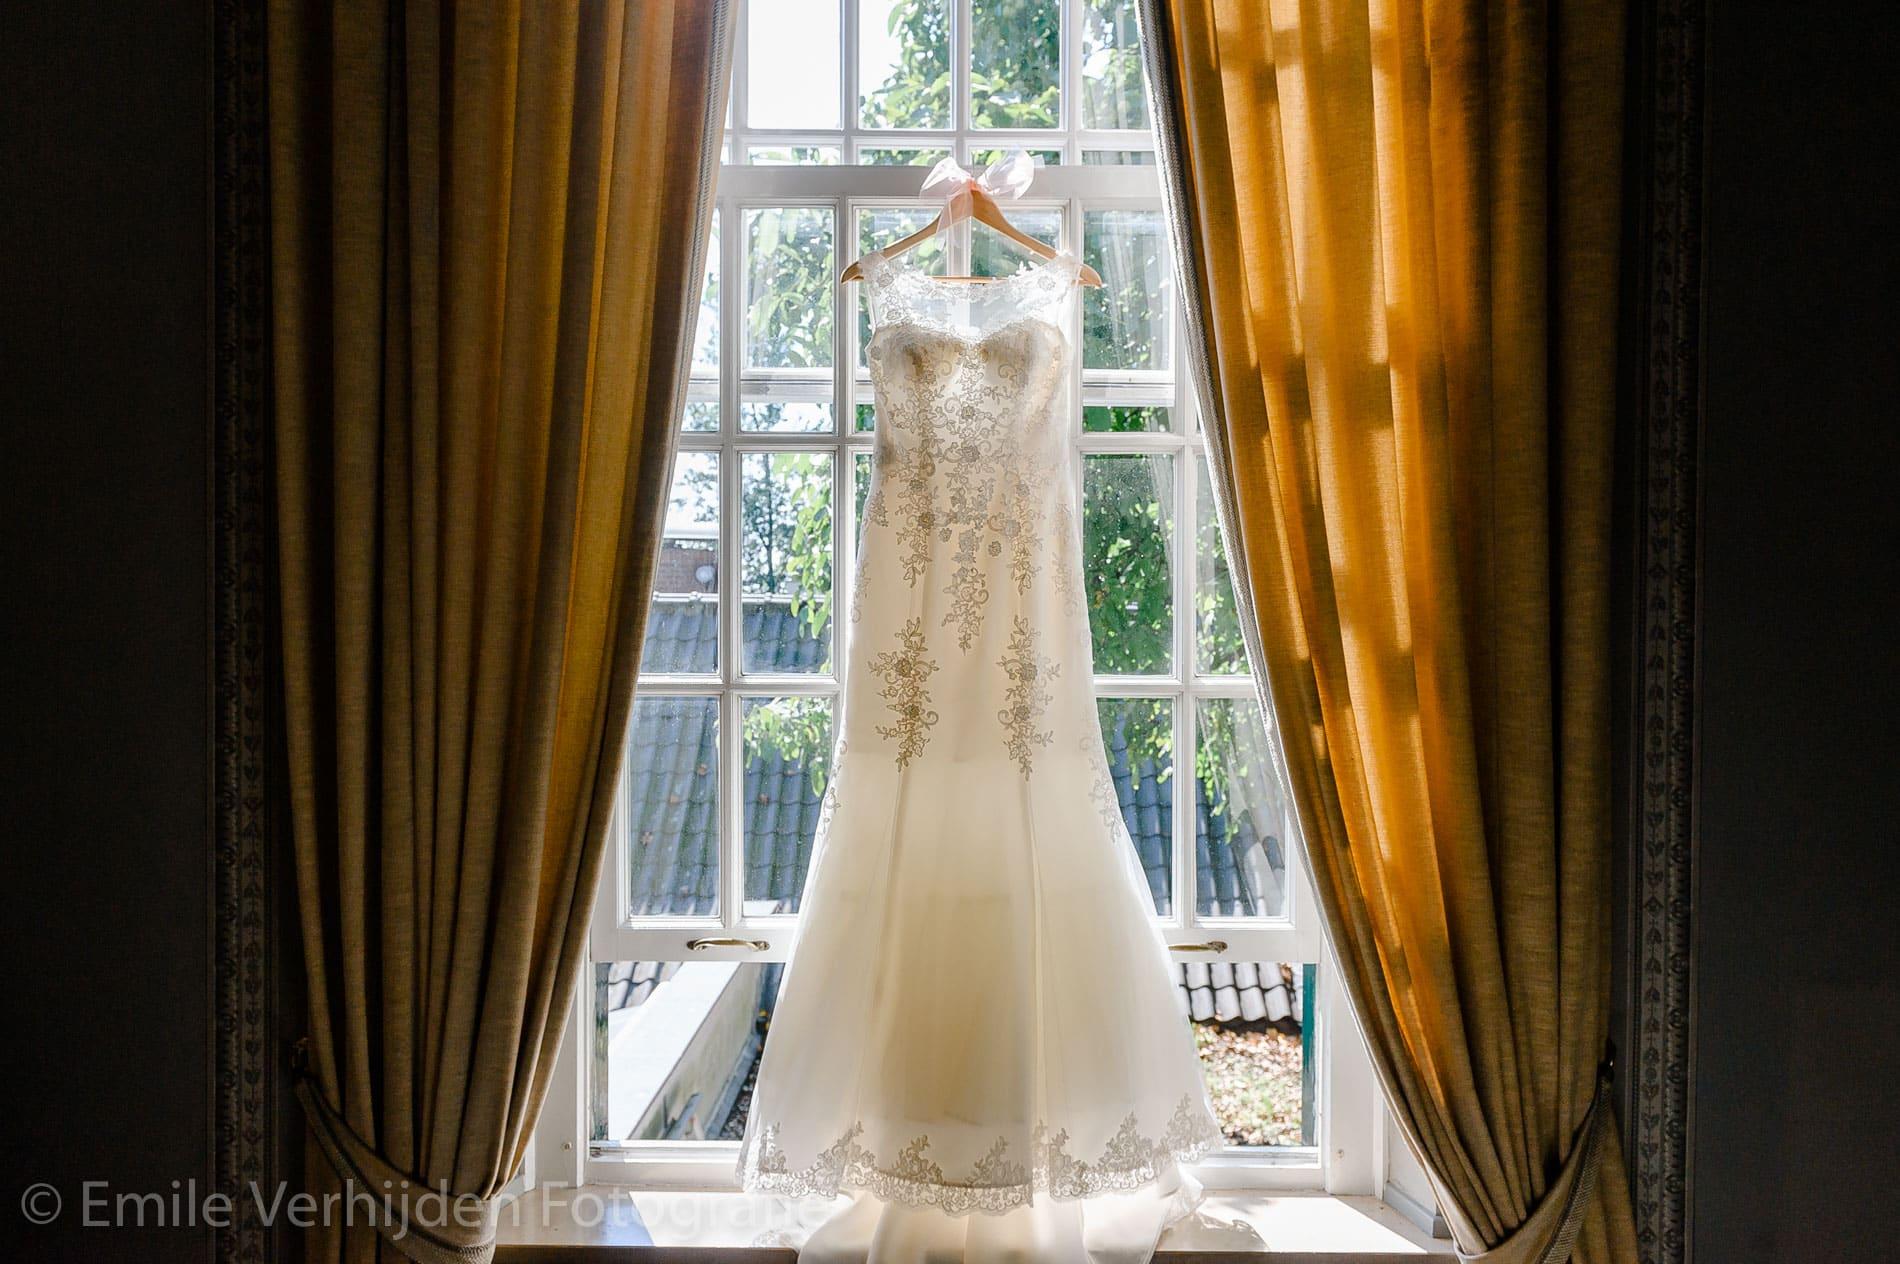 De prachtige jurk van de bruid hangt aan het raam. Bruidsfotograaf Kasteel Groot Buggenum Grathem Limburg Emile Verhijden